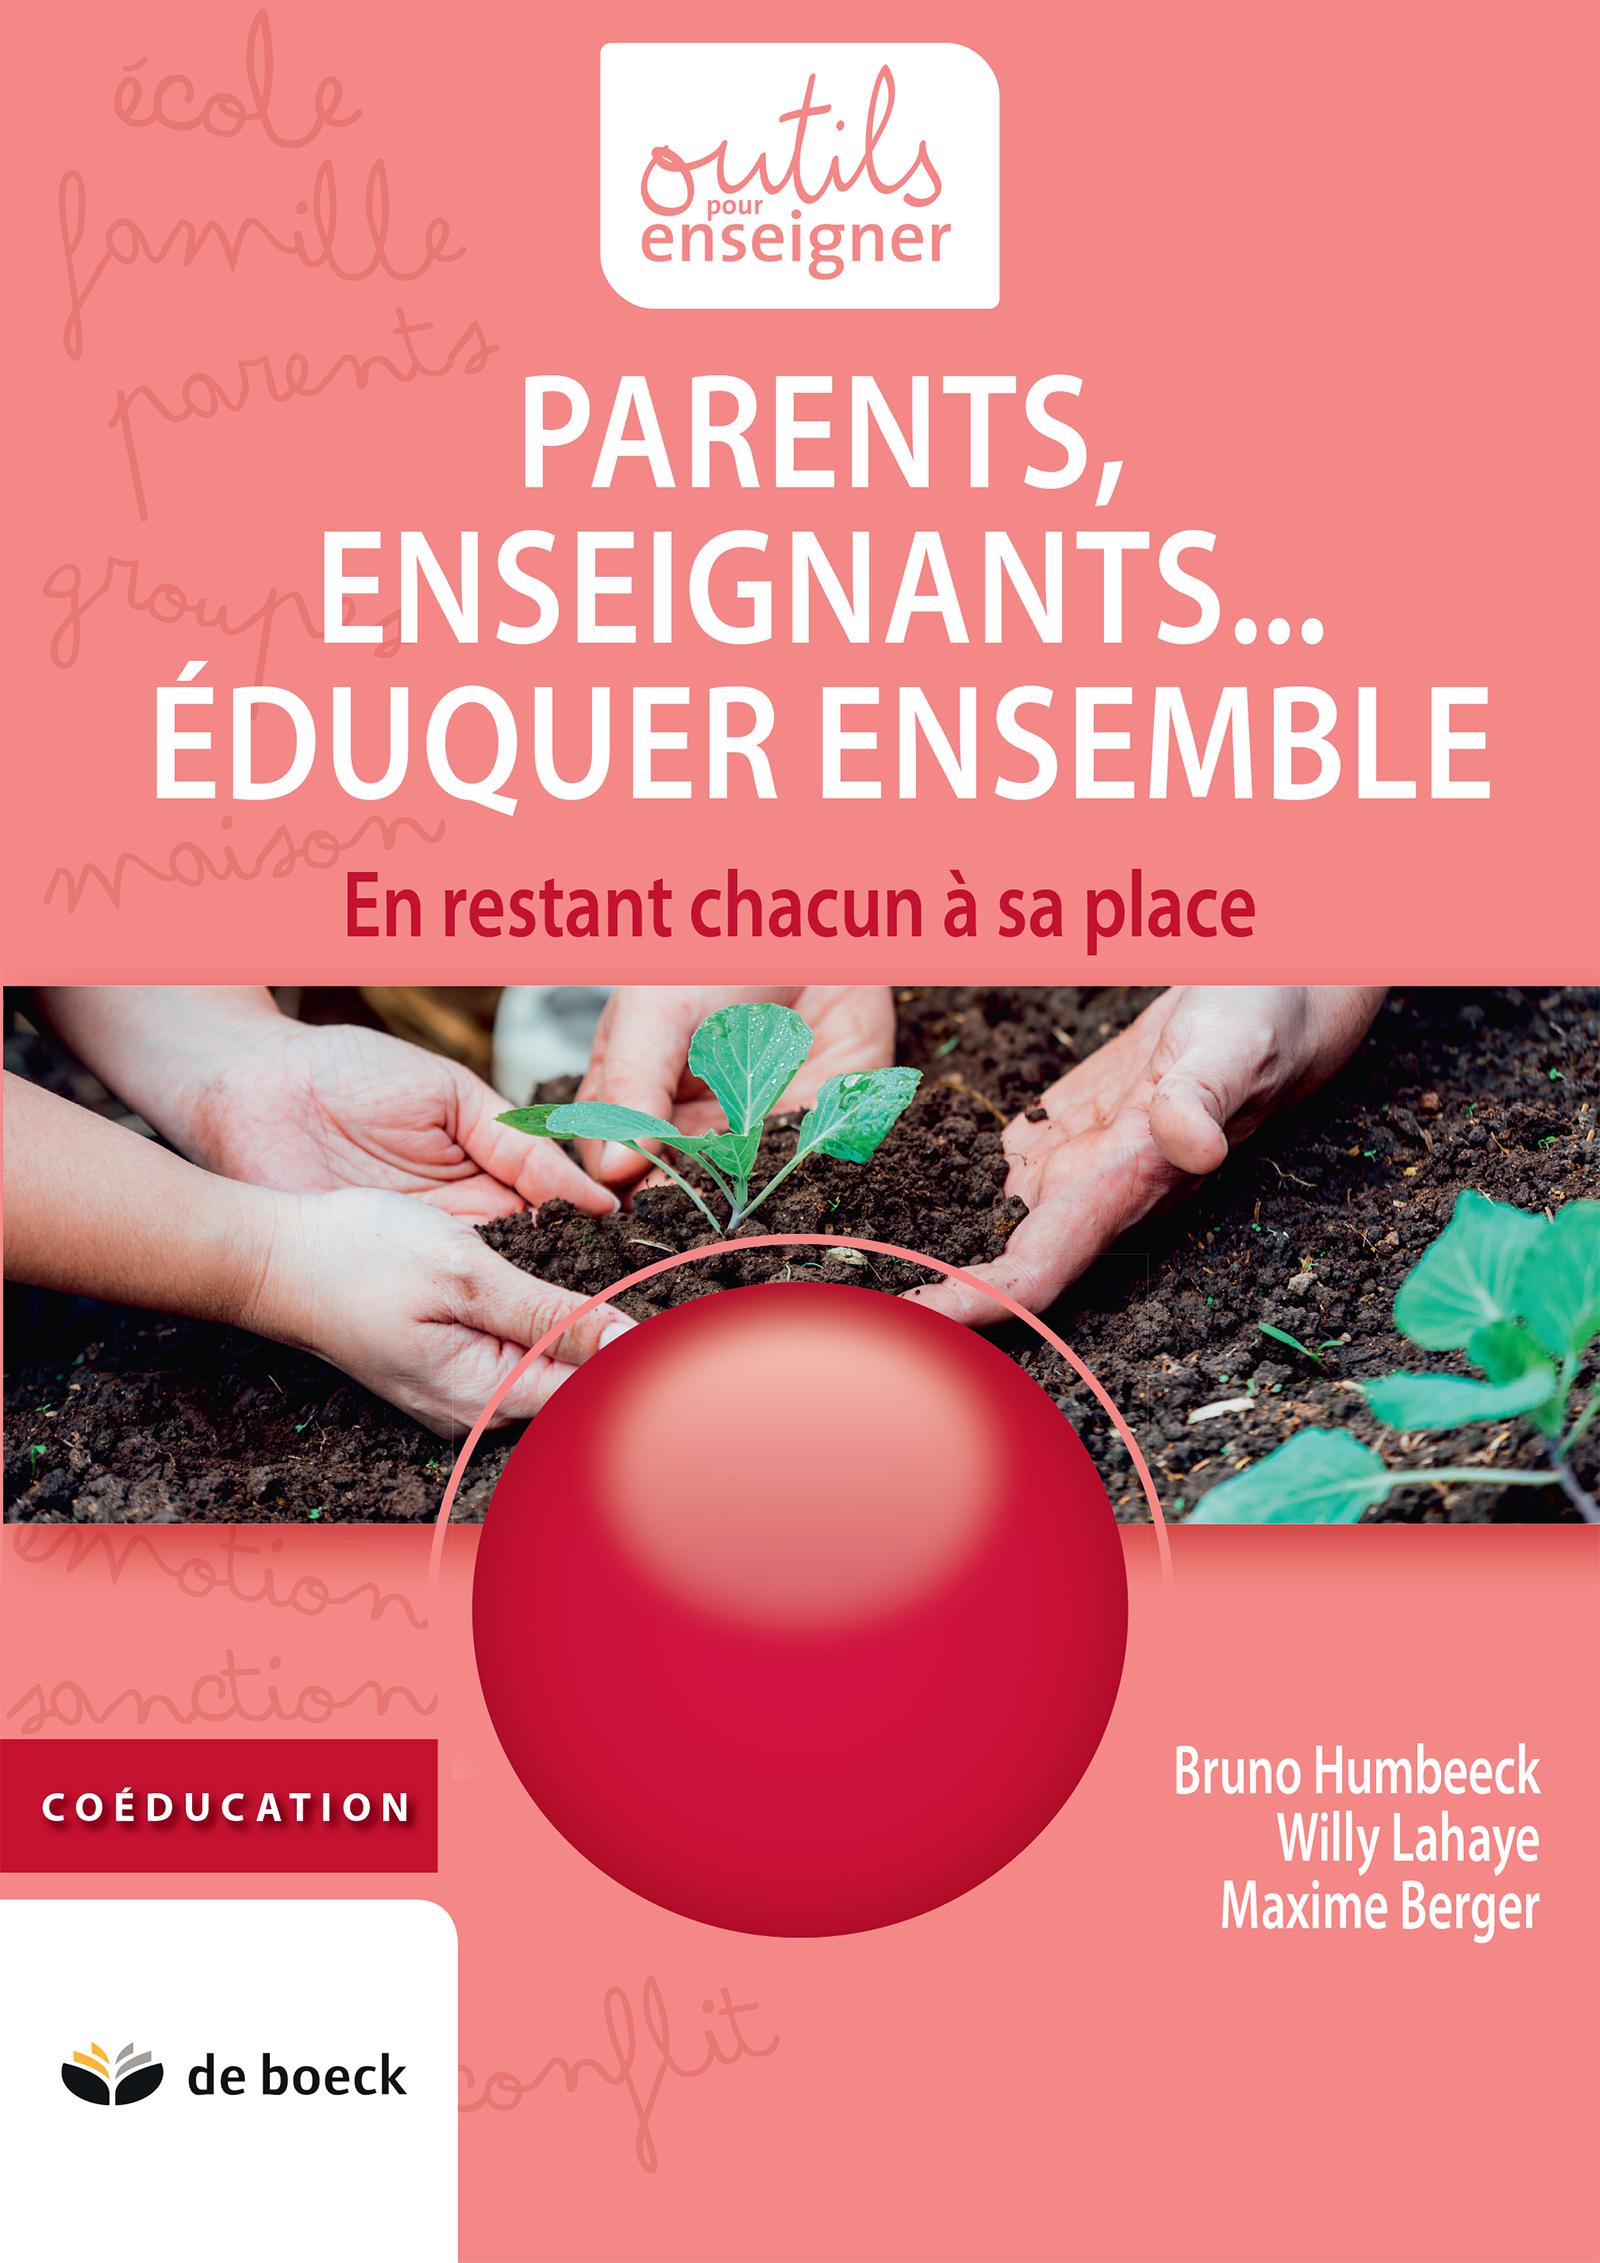 Parents, Enseignants... Eduquer ensemble